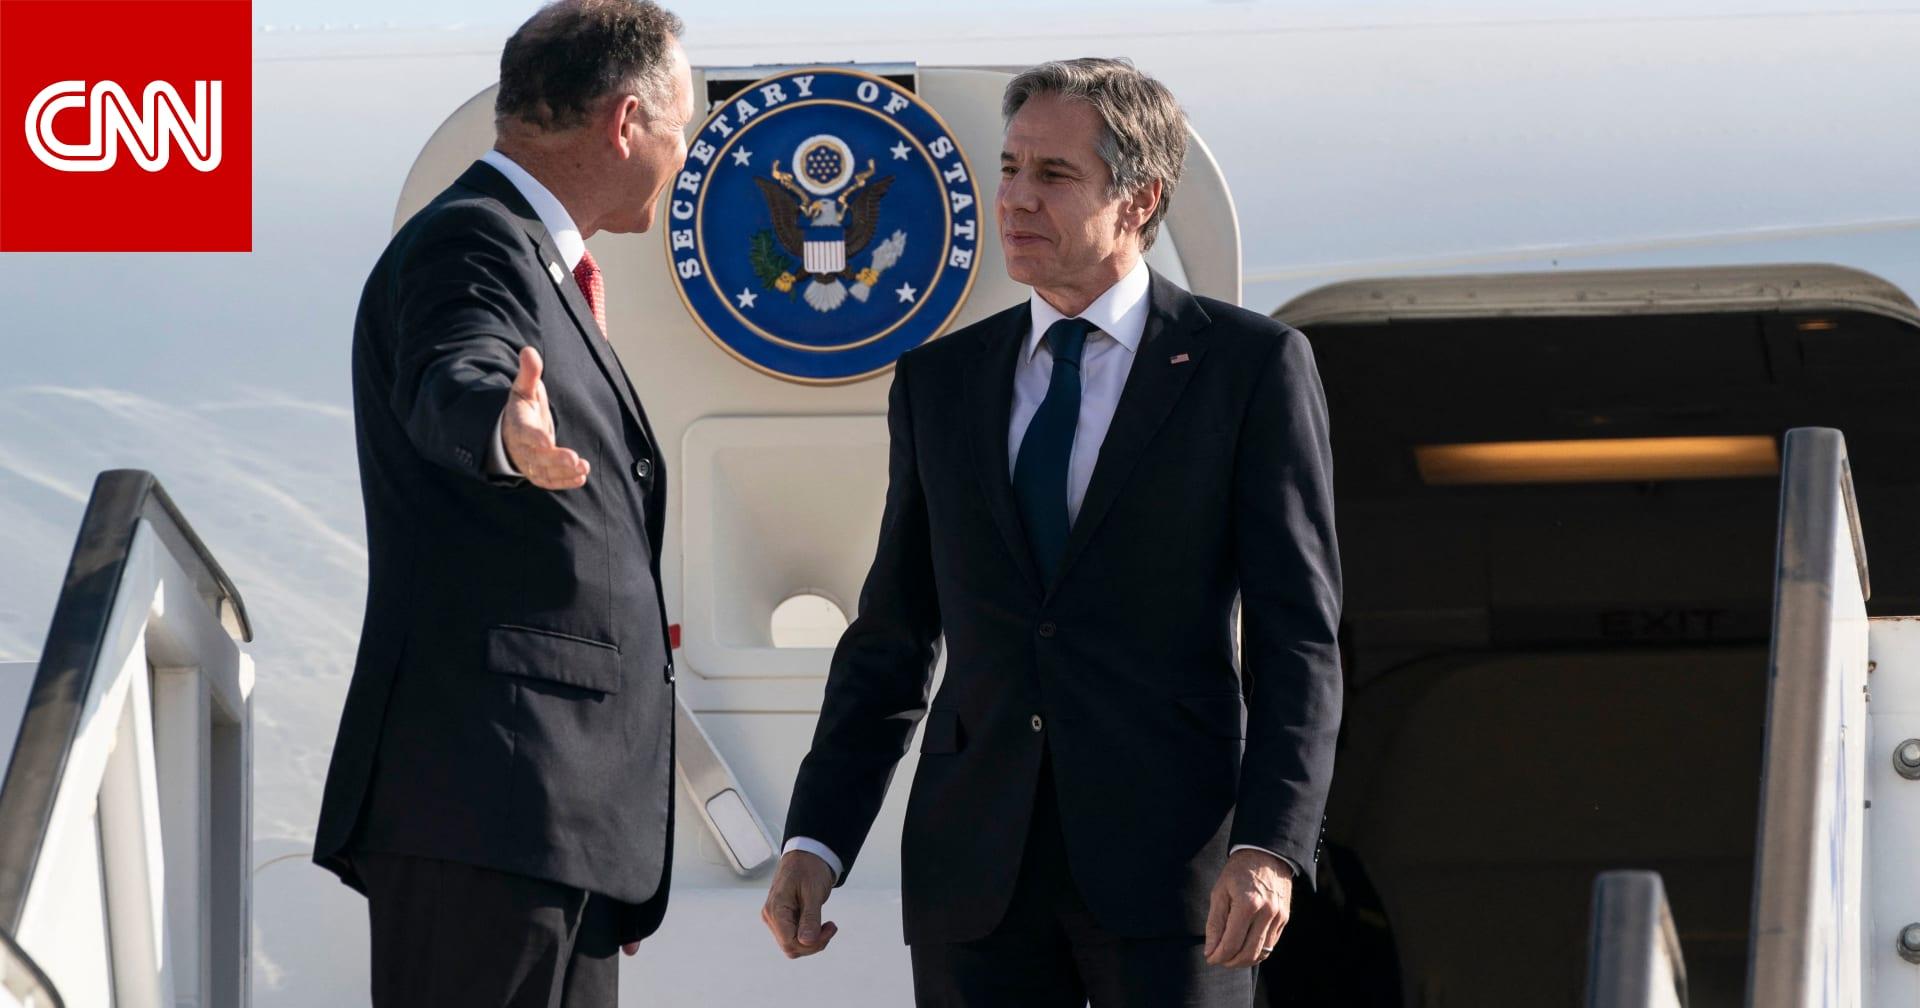 وزير الخارجية الأمريكي يصل إسرائيل بأول زيارة له بمنصبه